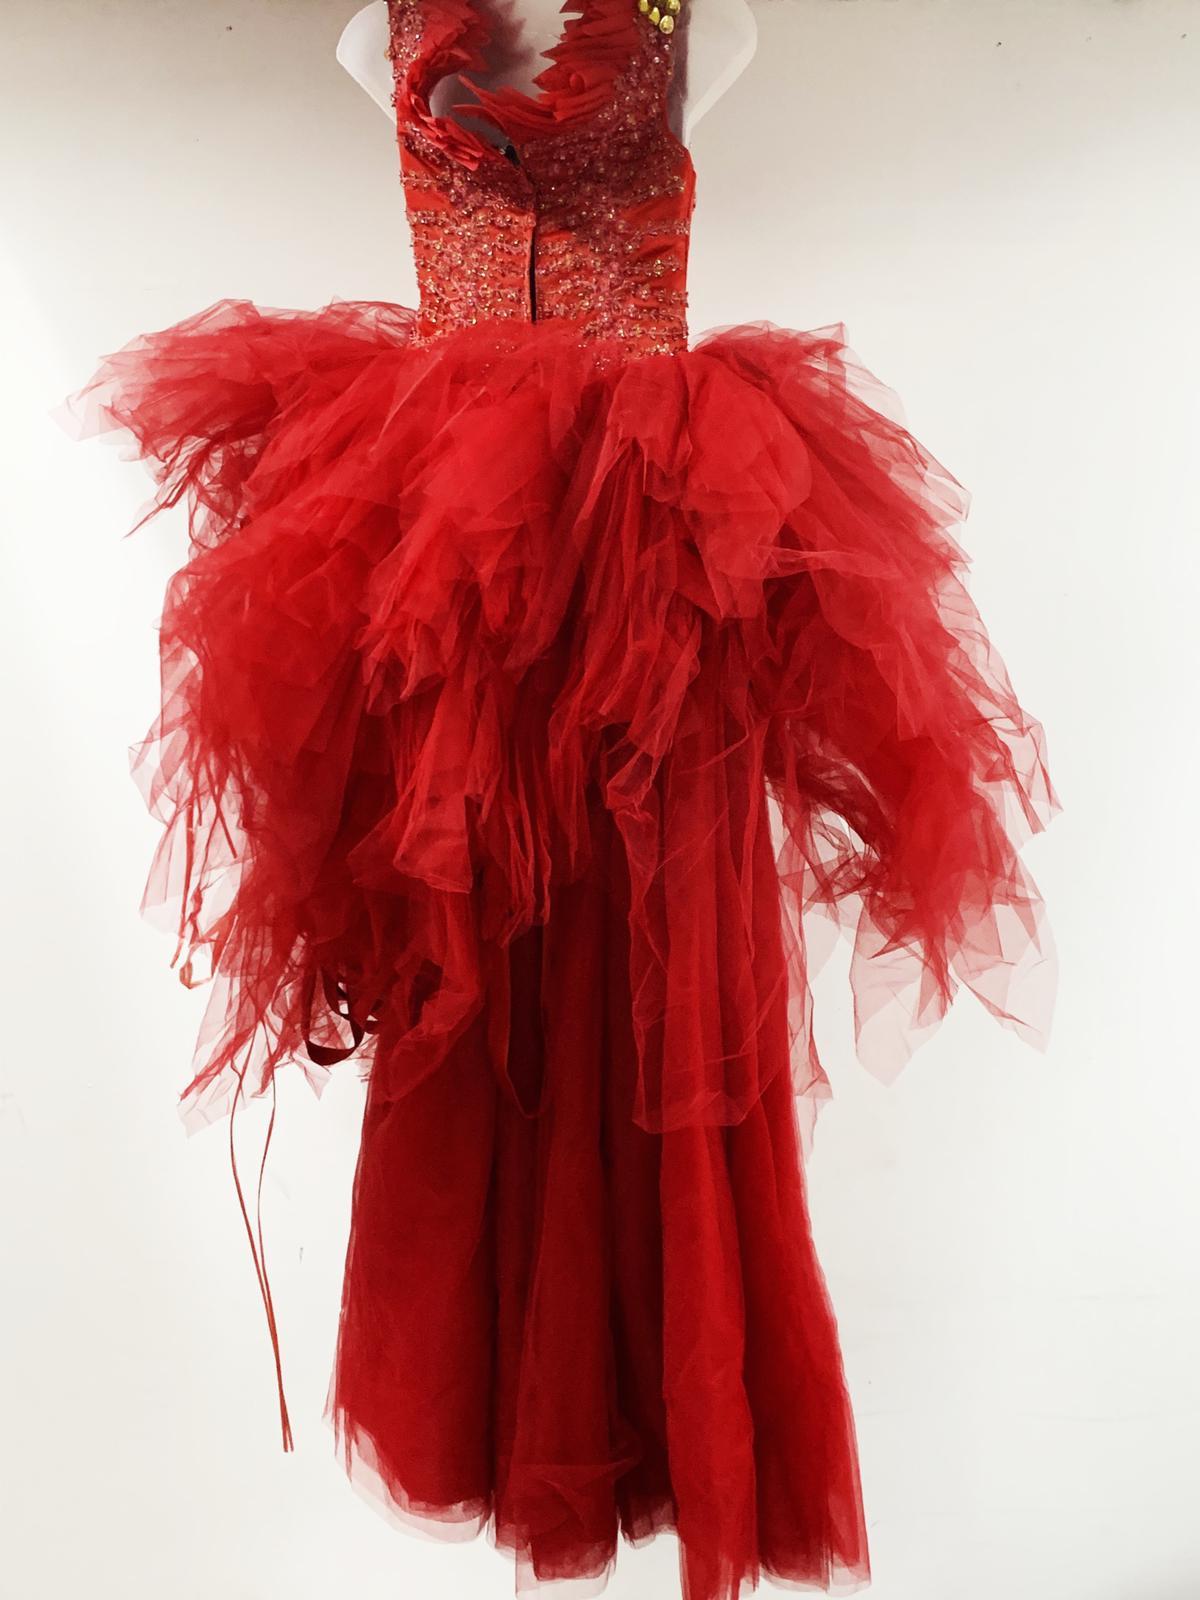 Red fluffy dress